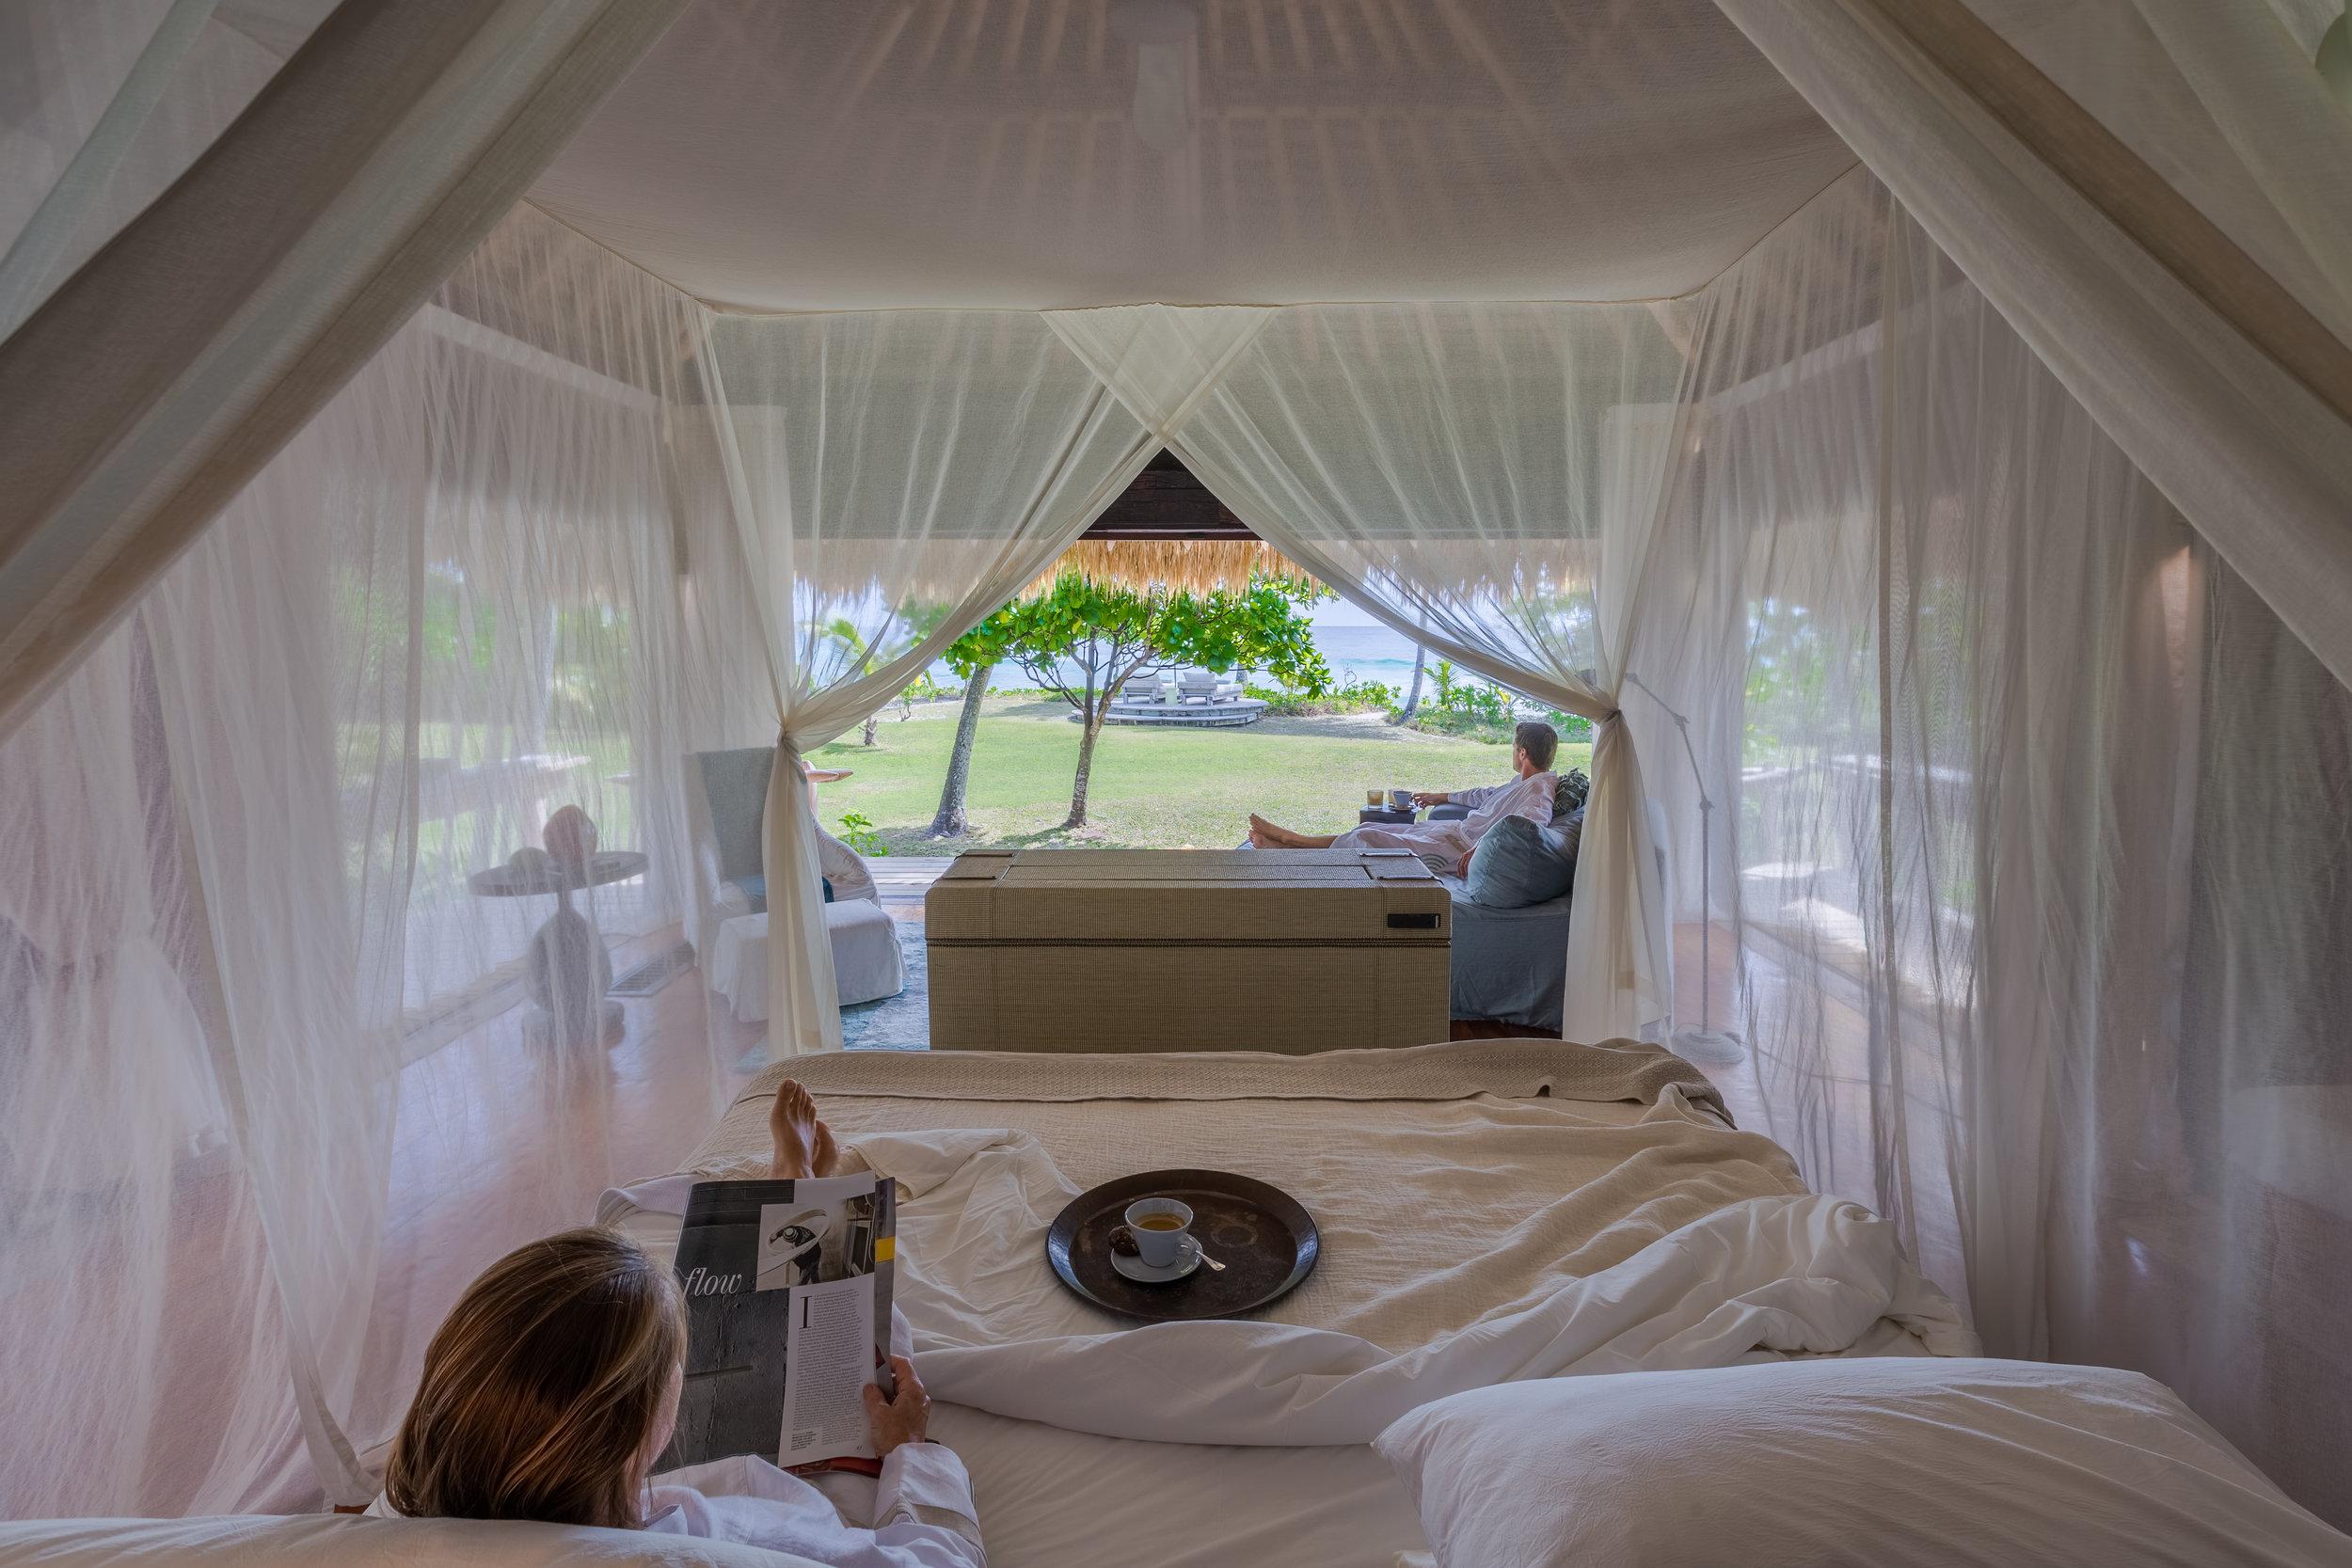 Villa Bedroom FR 5D3_1102-HDR-Edit.jpg